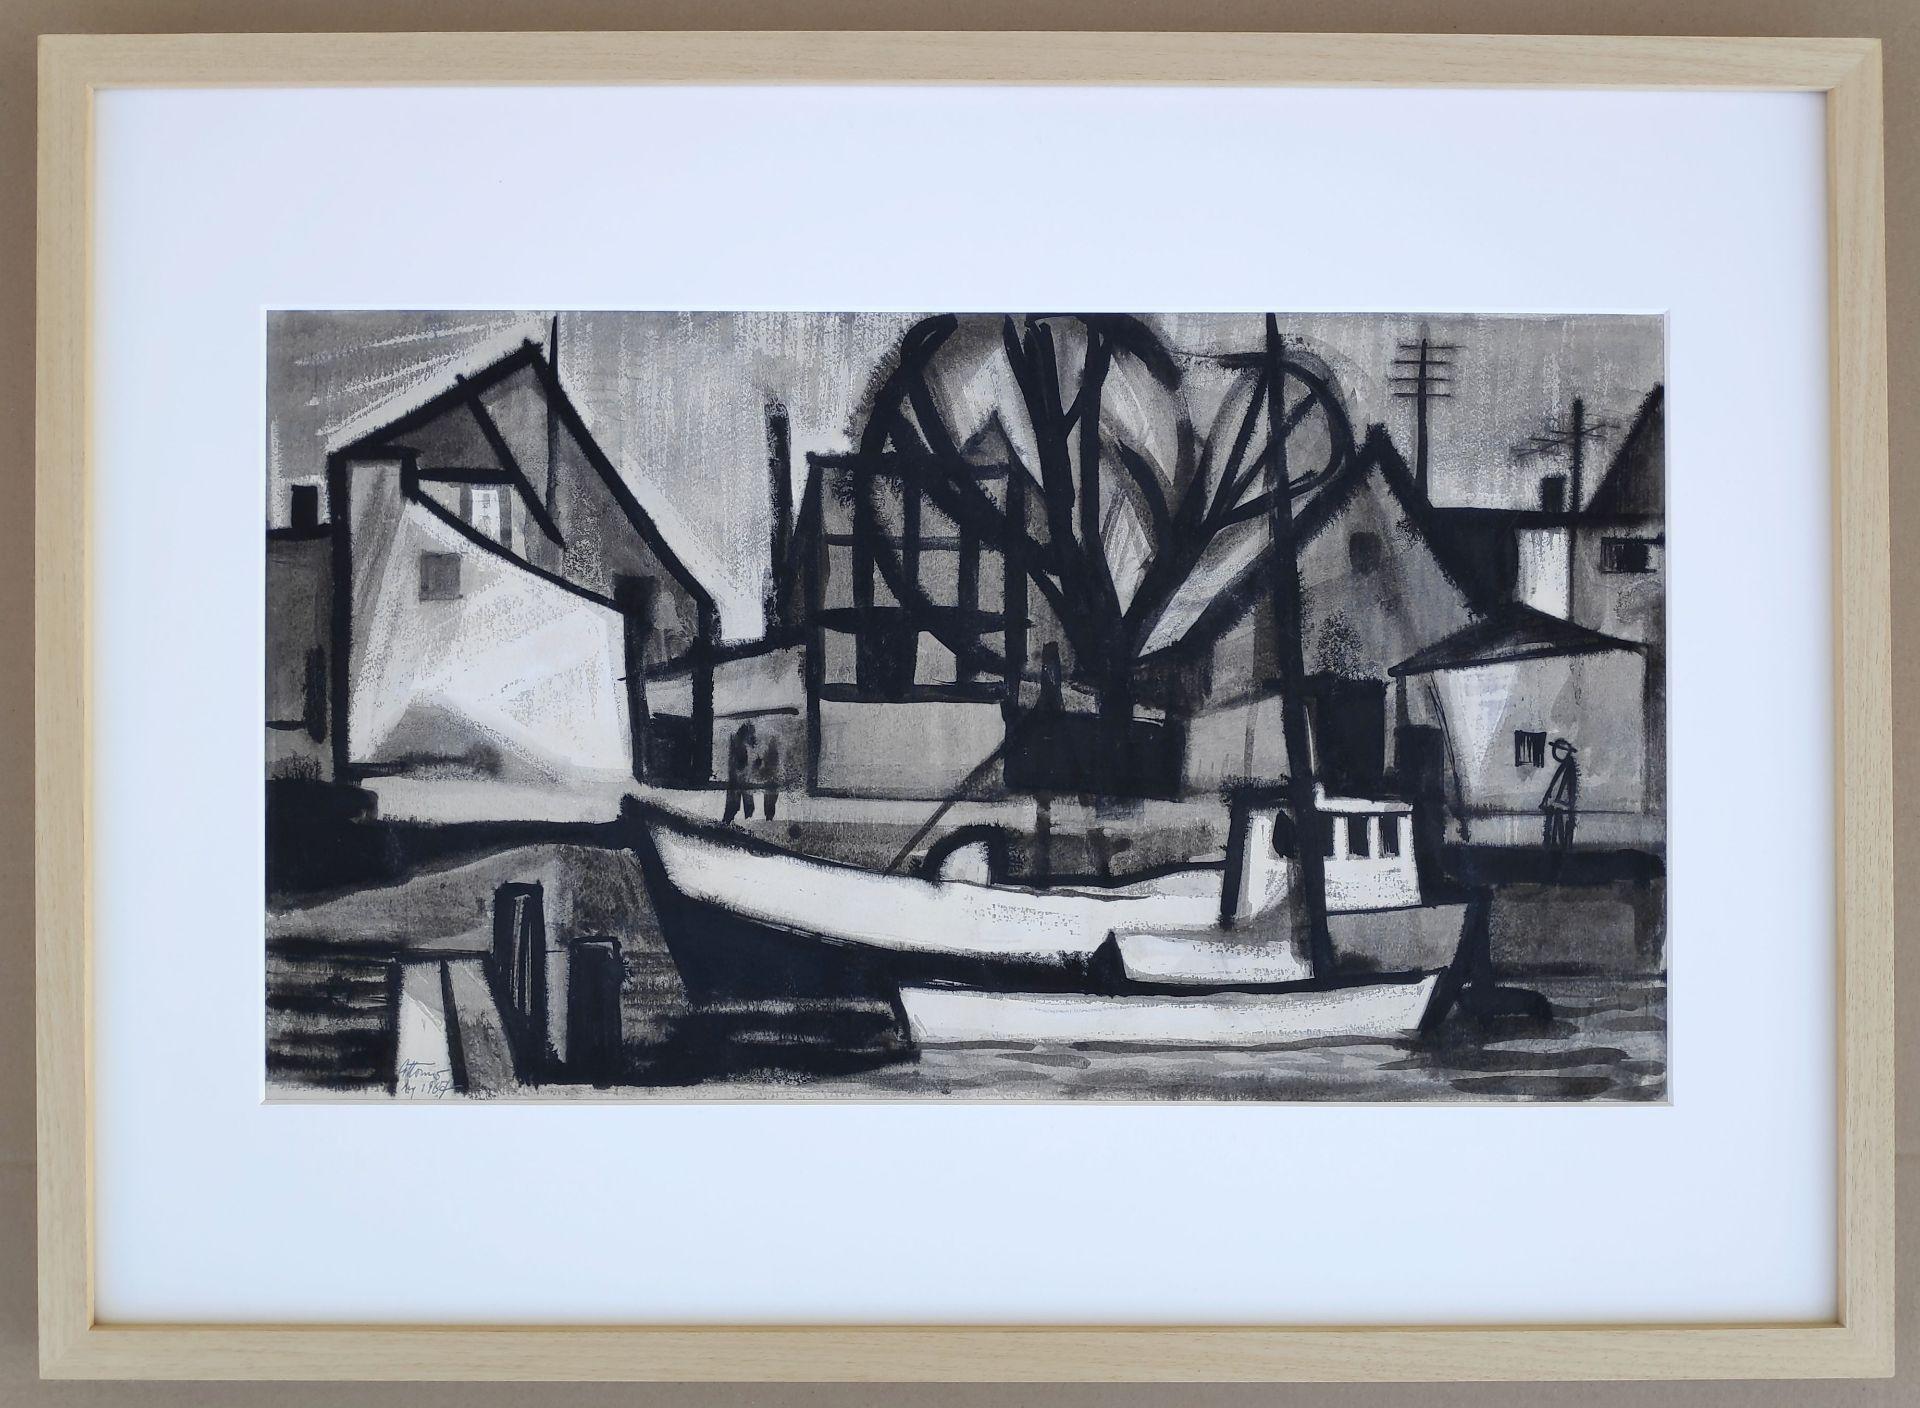 """Körner, Gottfried (1927 Werdau, - 2015 Dresden) """"Warnemünde - Am Strom"""" - Bild 2 aus 3"""